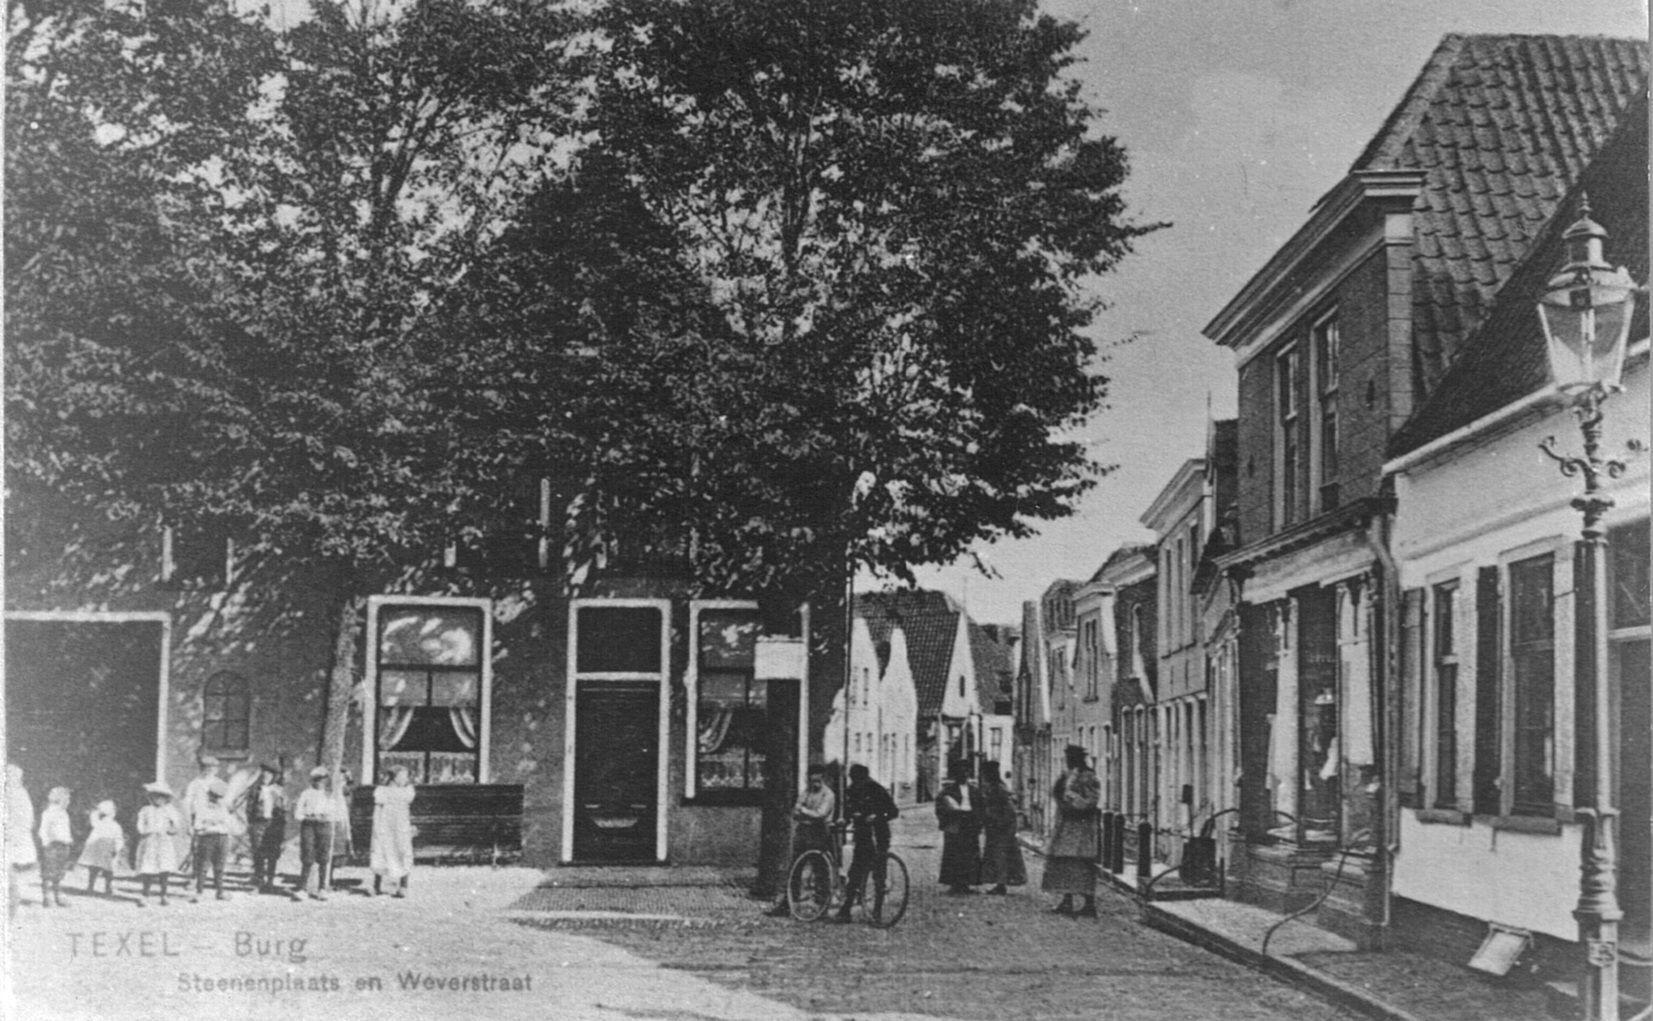 Foto: Collectie Historische Vereniging Texel